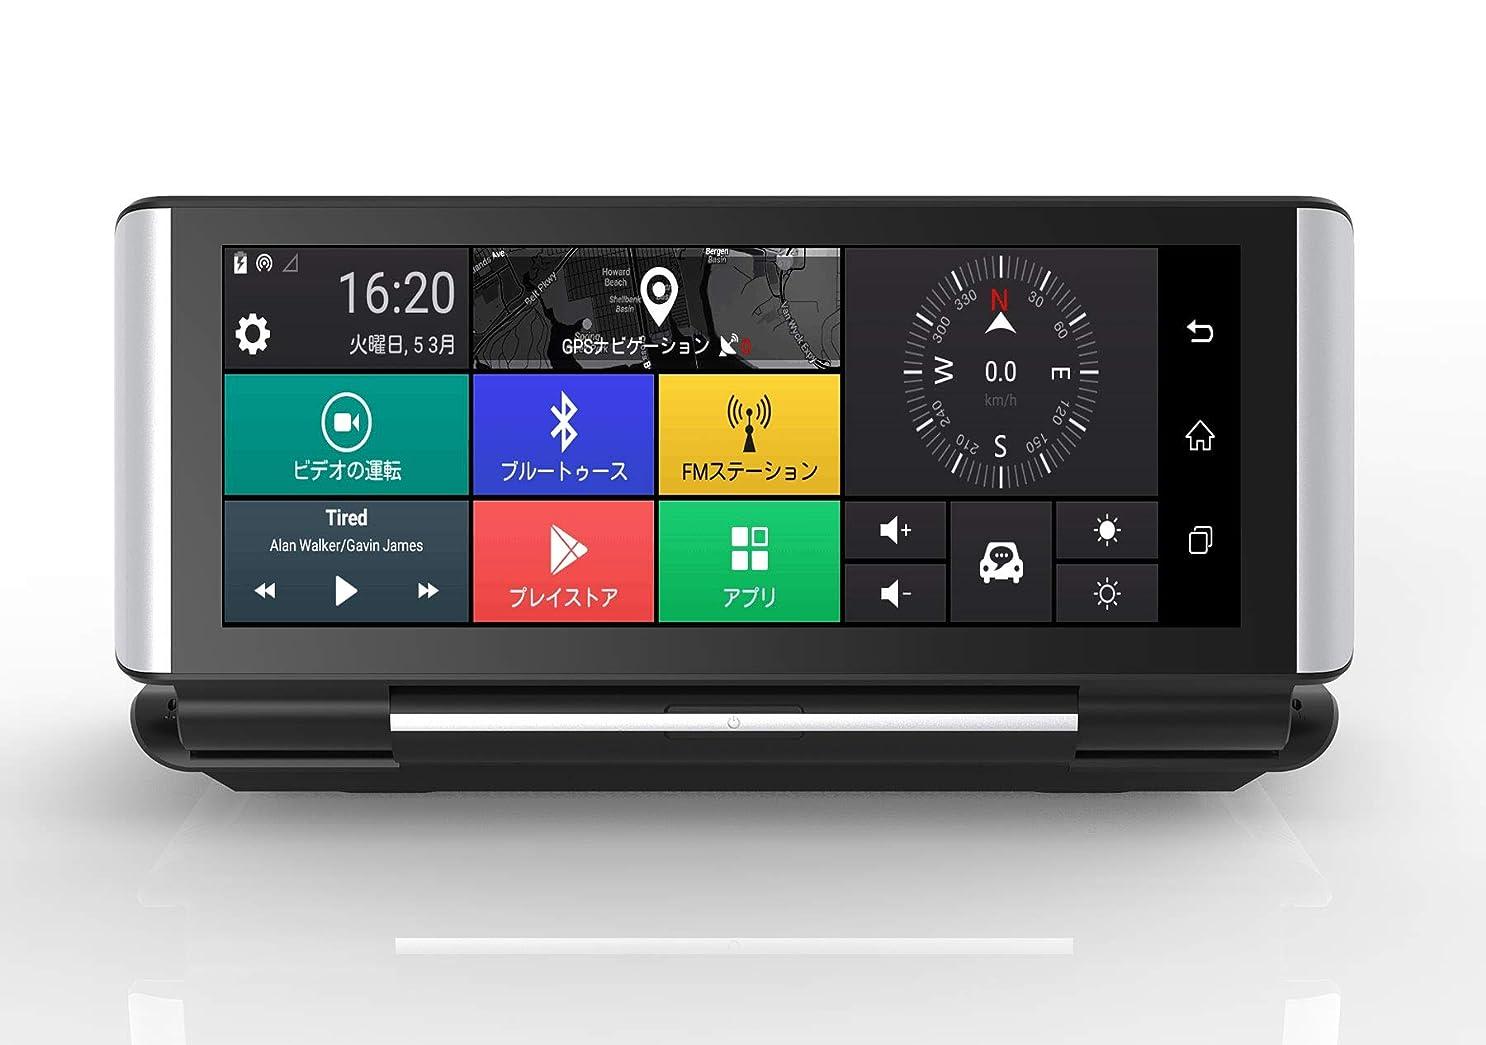 写真撮影些細マトリックスPUMPKIN Android 8.0 カーナビ 2din ナビ dvdプレーヤー 7インチ Bluetooth Wifi GPS OBD2 1080p HD動画再生可 1秒起動 ミラーリング USB SD 18ヶ月保障